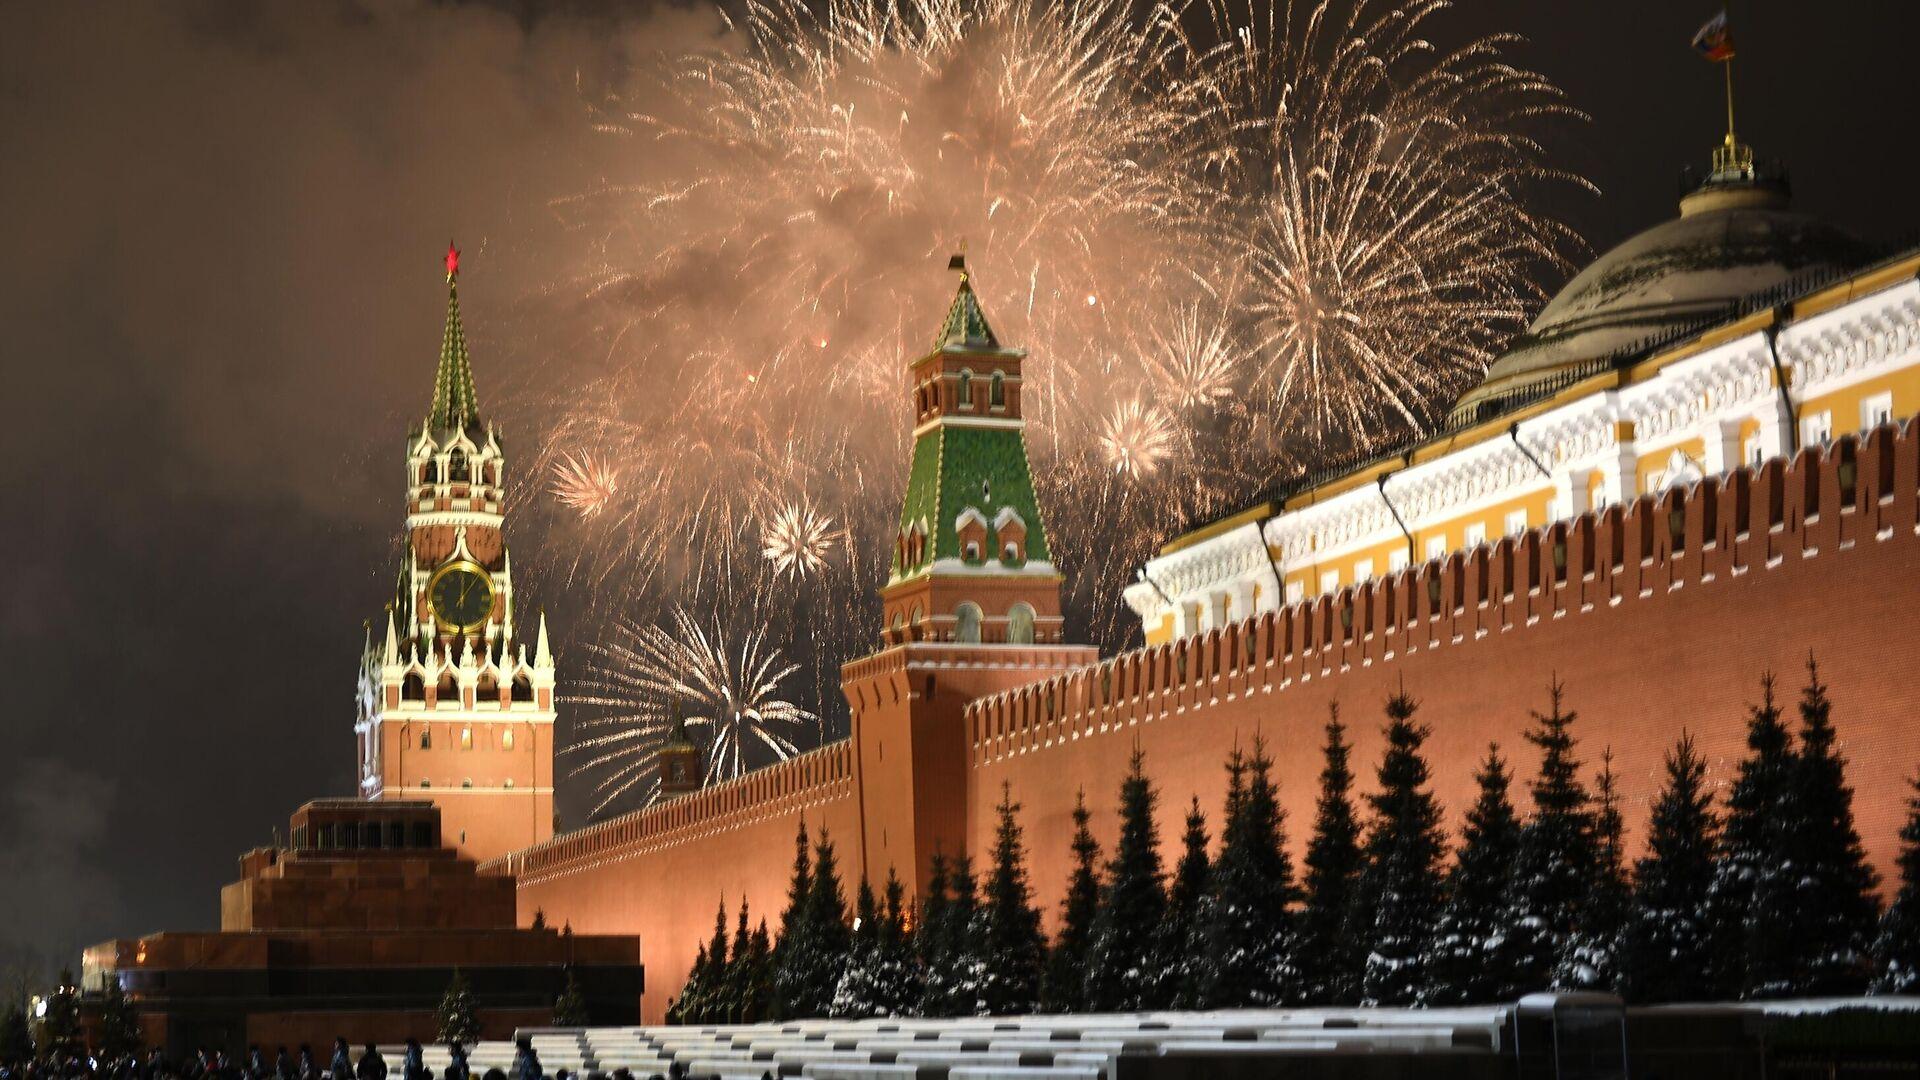 Празднование Нового года в Москве - РИА Новости, 1920, 13.10.2020